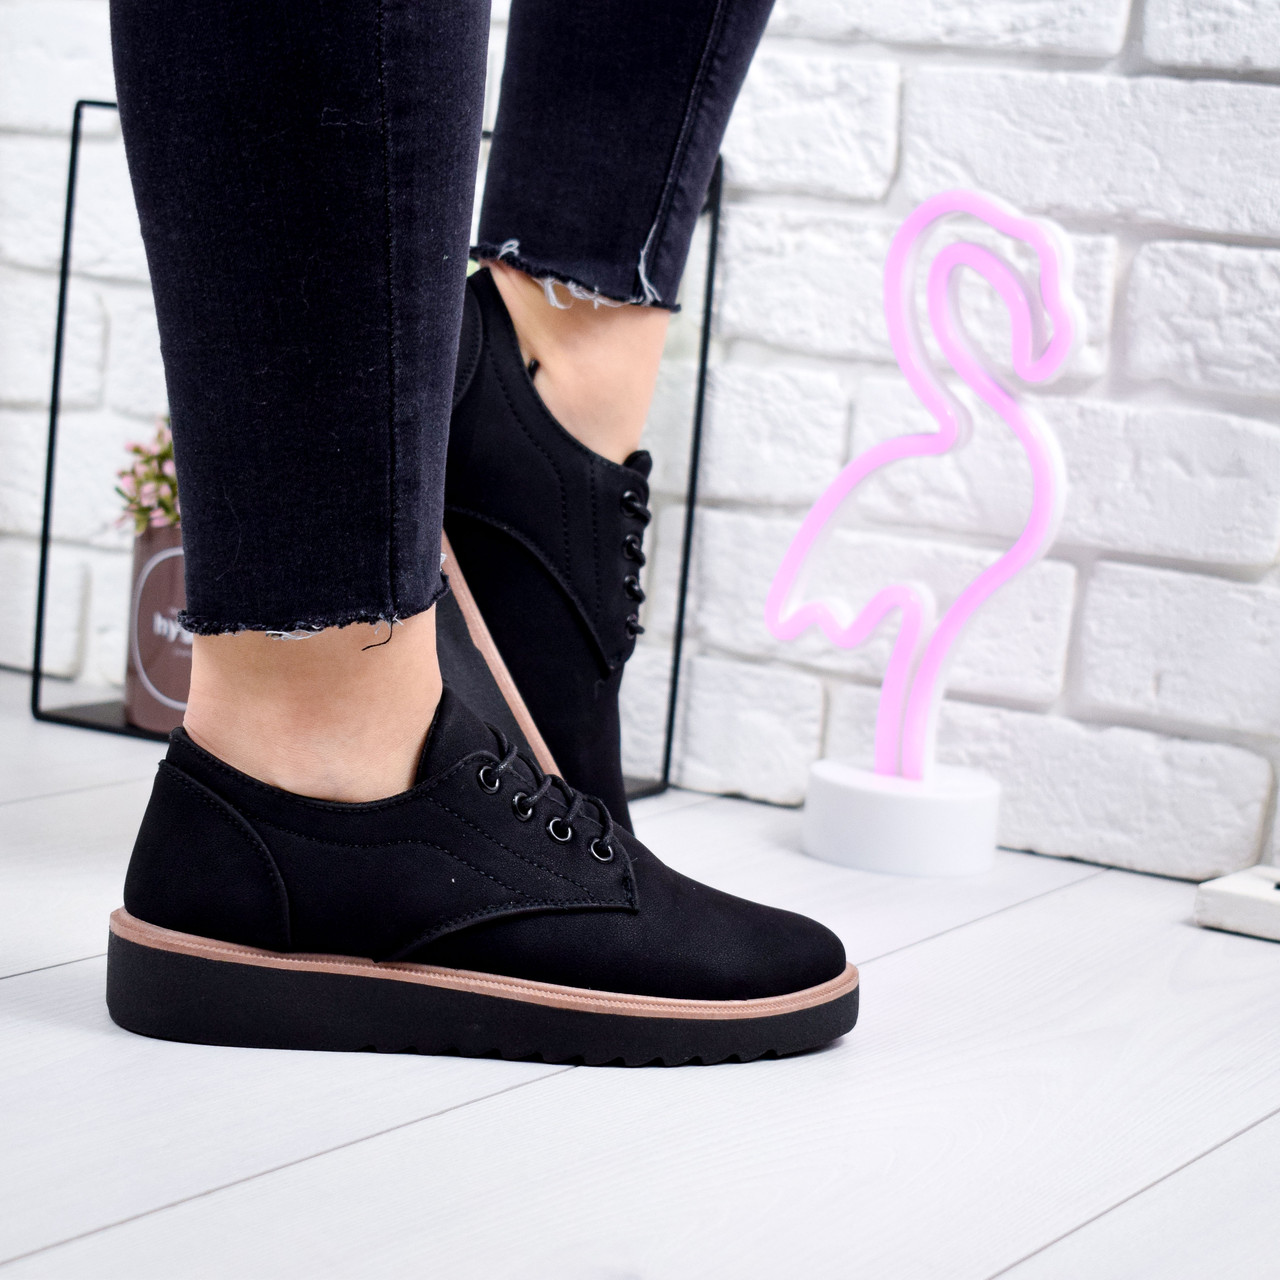 Туфли женские Stella черные 7204